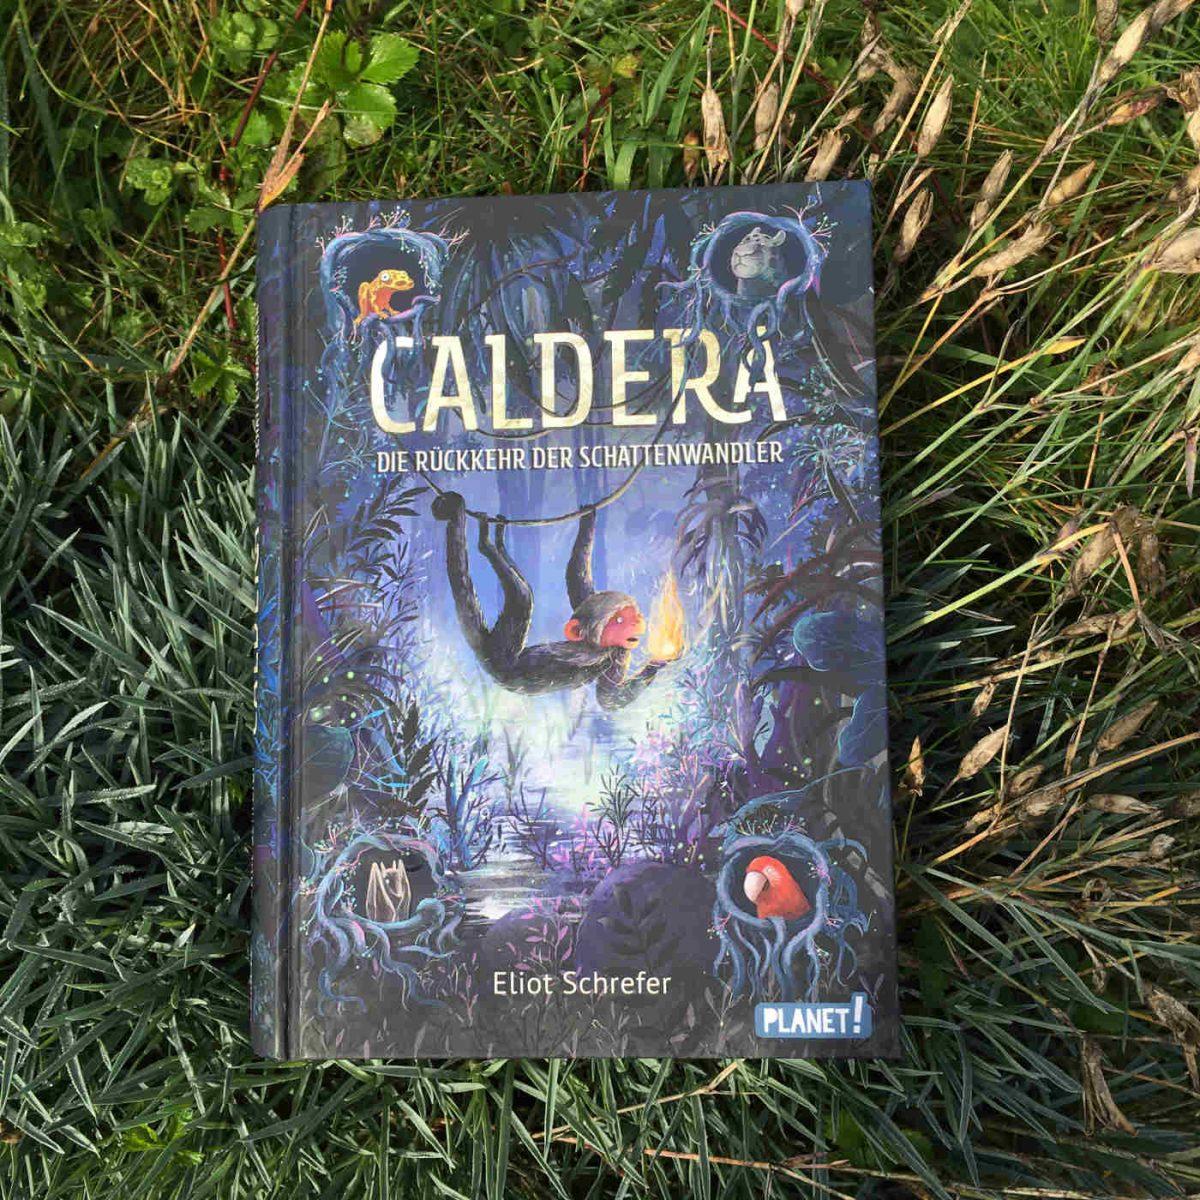 Eliot Schrefer: Caldera – Die Rückkehr der Schattenwandler